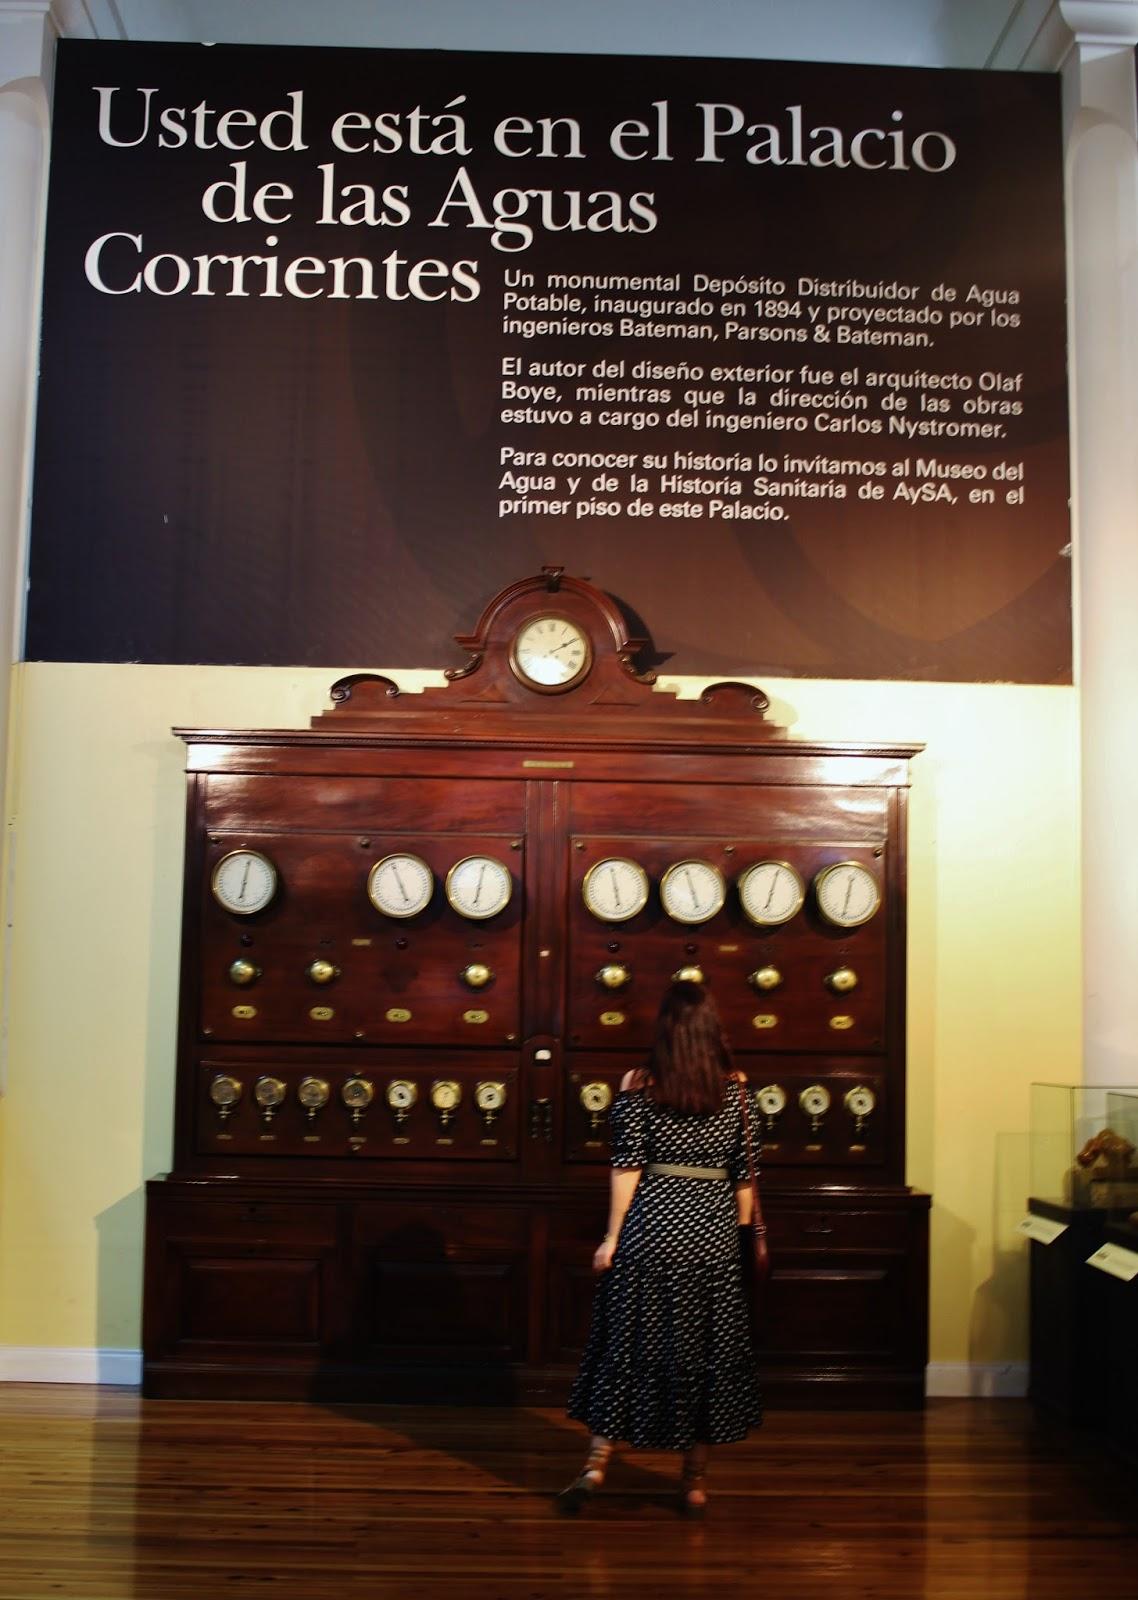 PALACIO DE AGUAS CORRIENTES INTERIOR